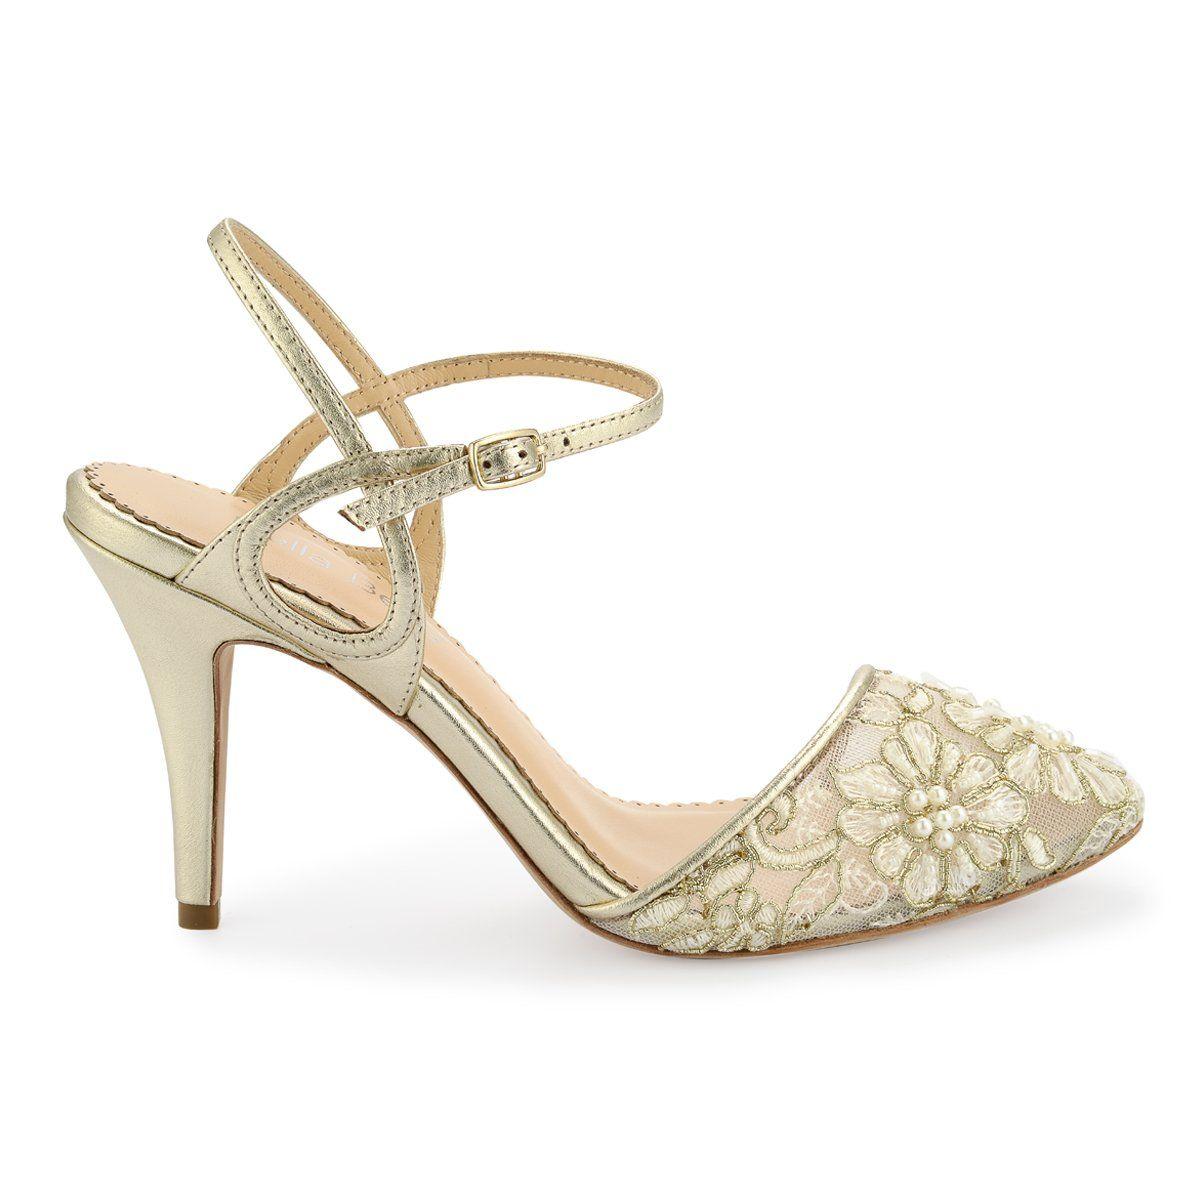 Kitten Heels Gold Low Heel Shoes Ankle Strap Heels Gold Evening Shoes Gold Low Heel Shoes